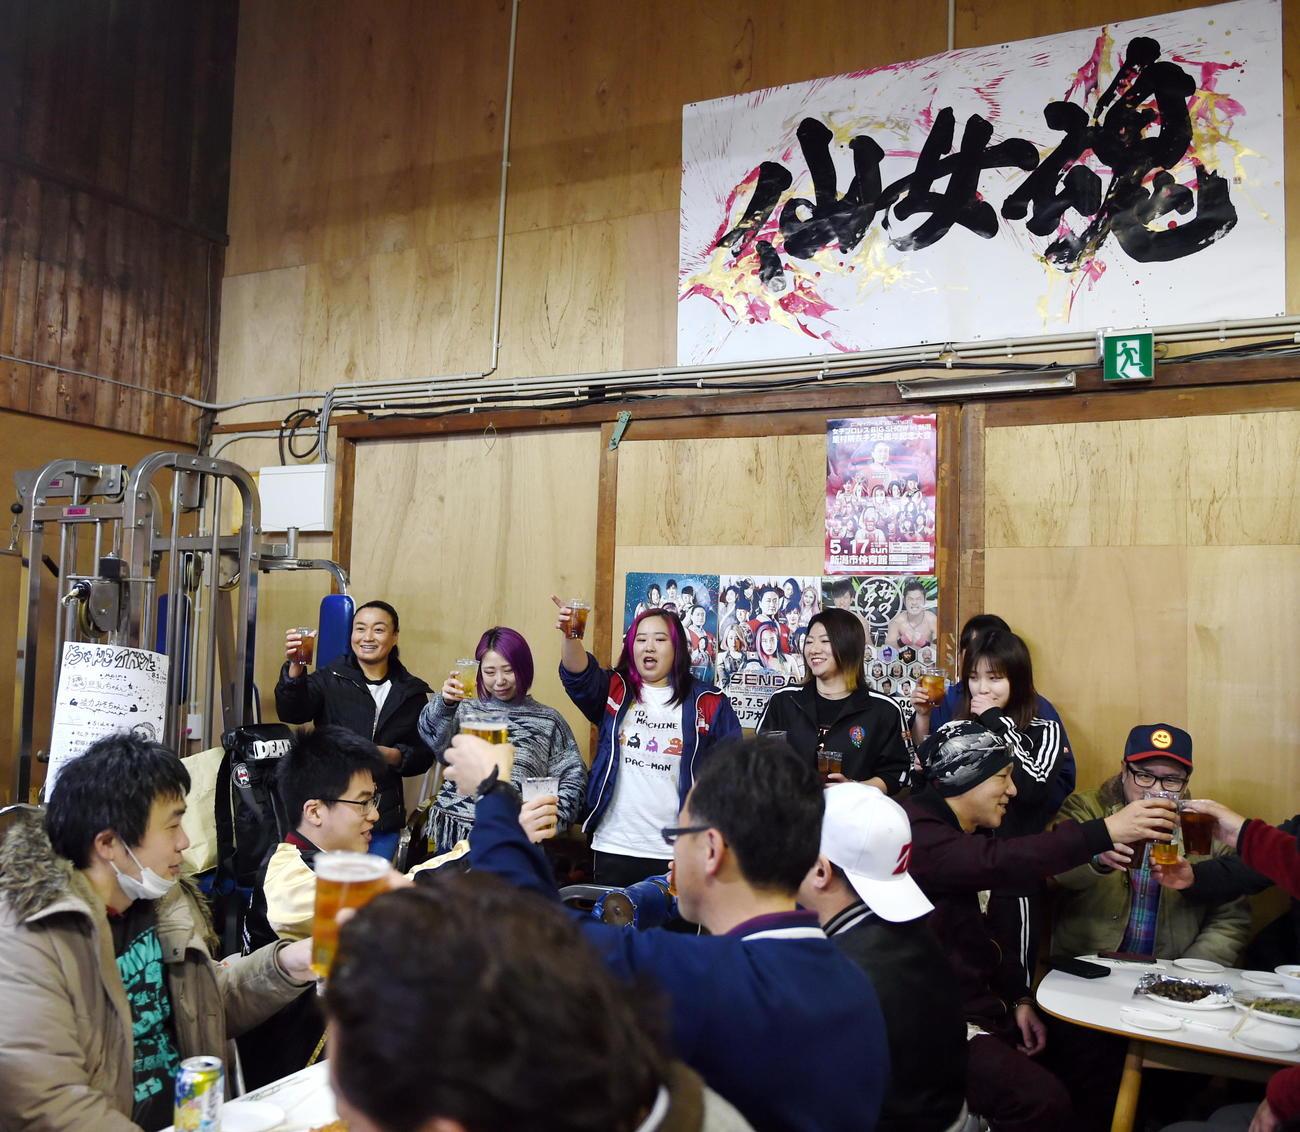 橋本(中央奥)を中心に乾杯をする選手と参加者(撮影・山田愛斗)